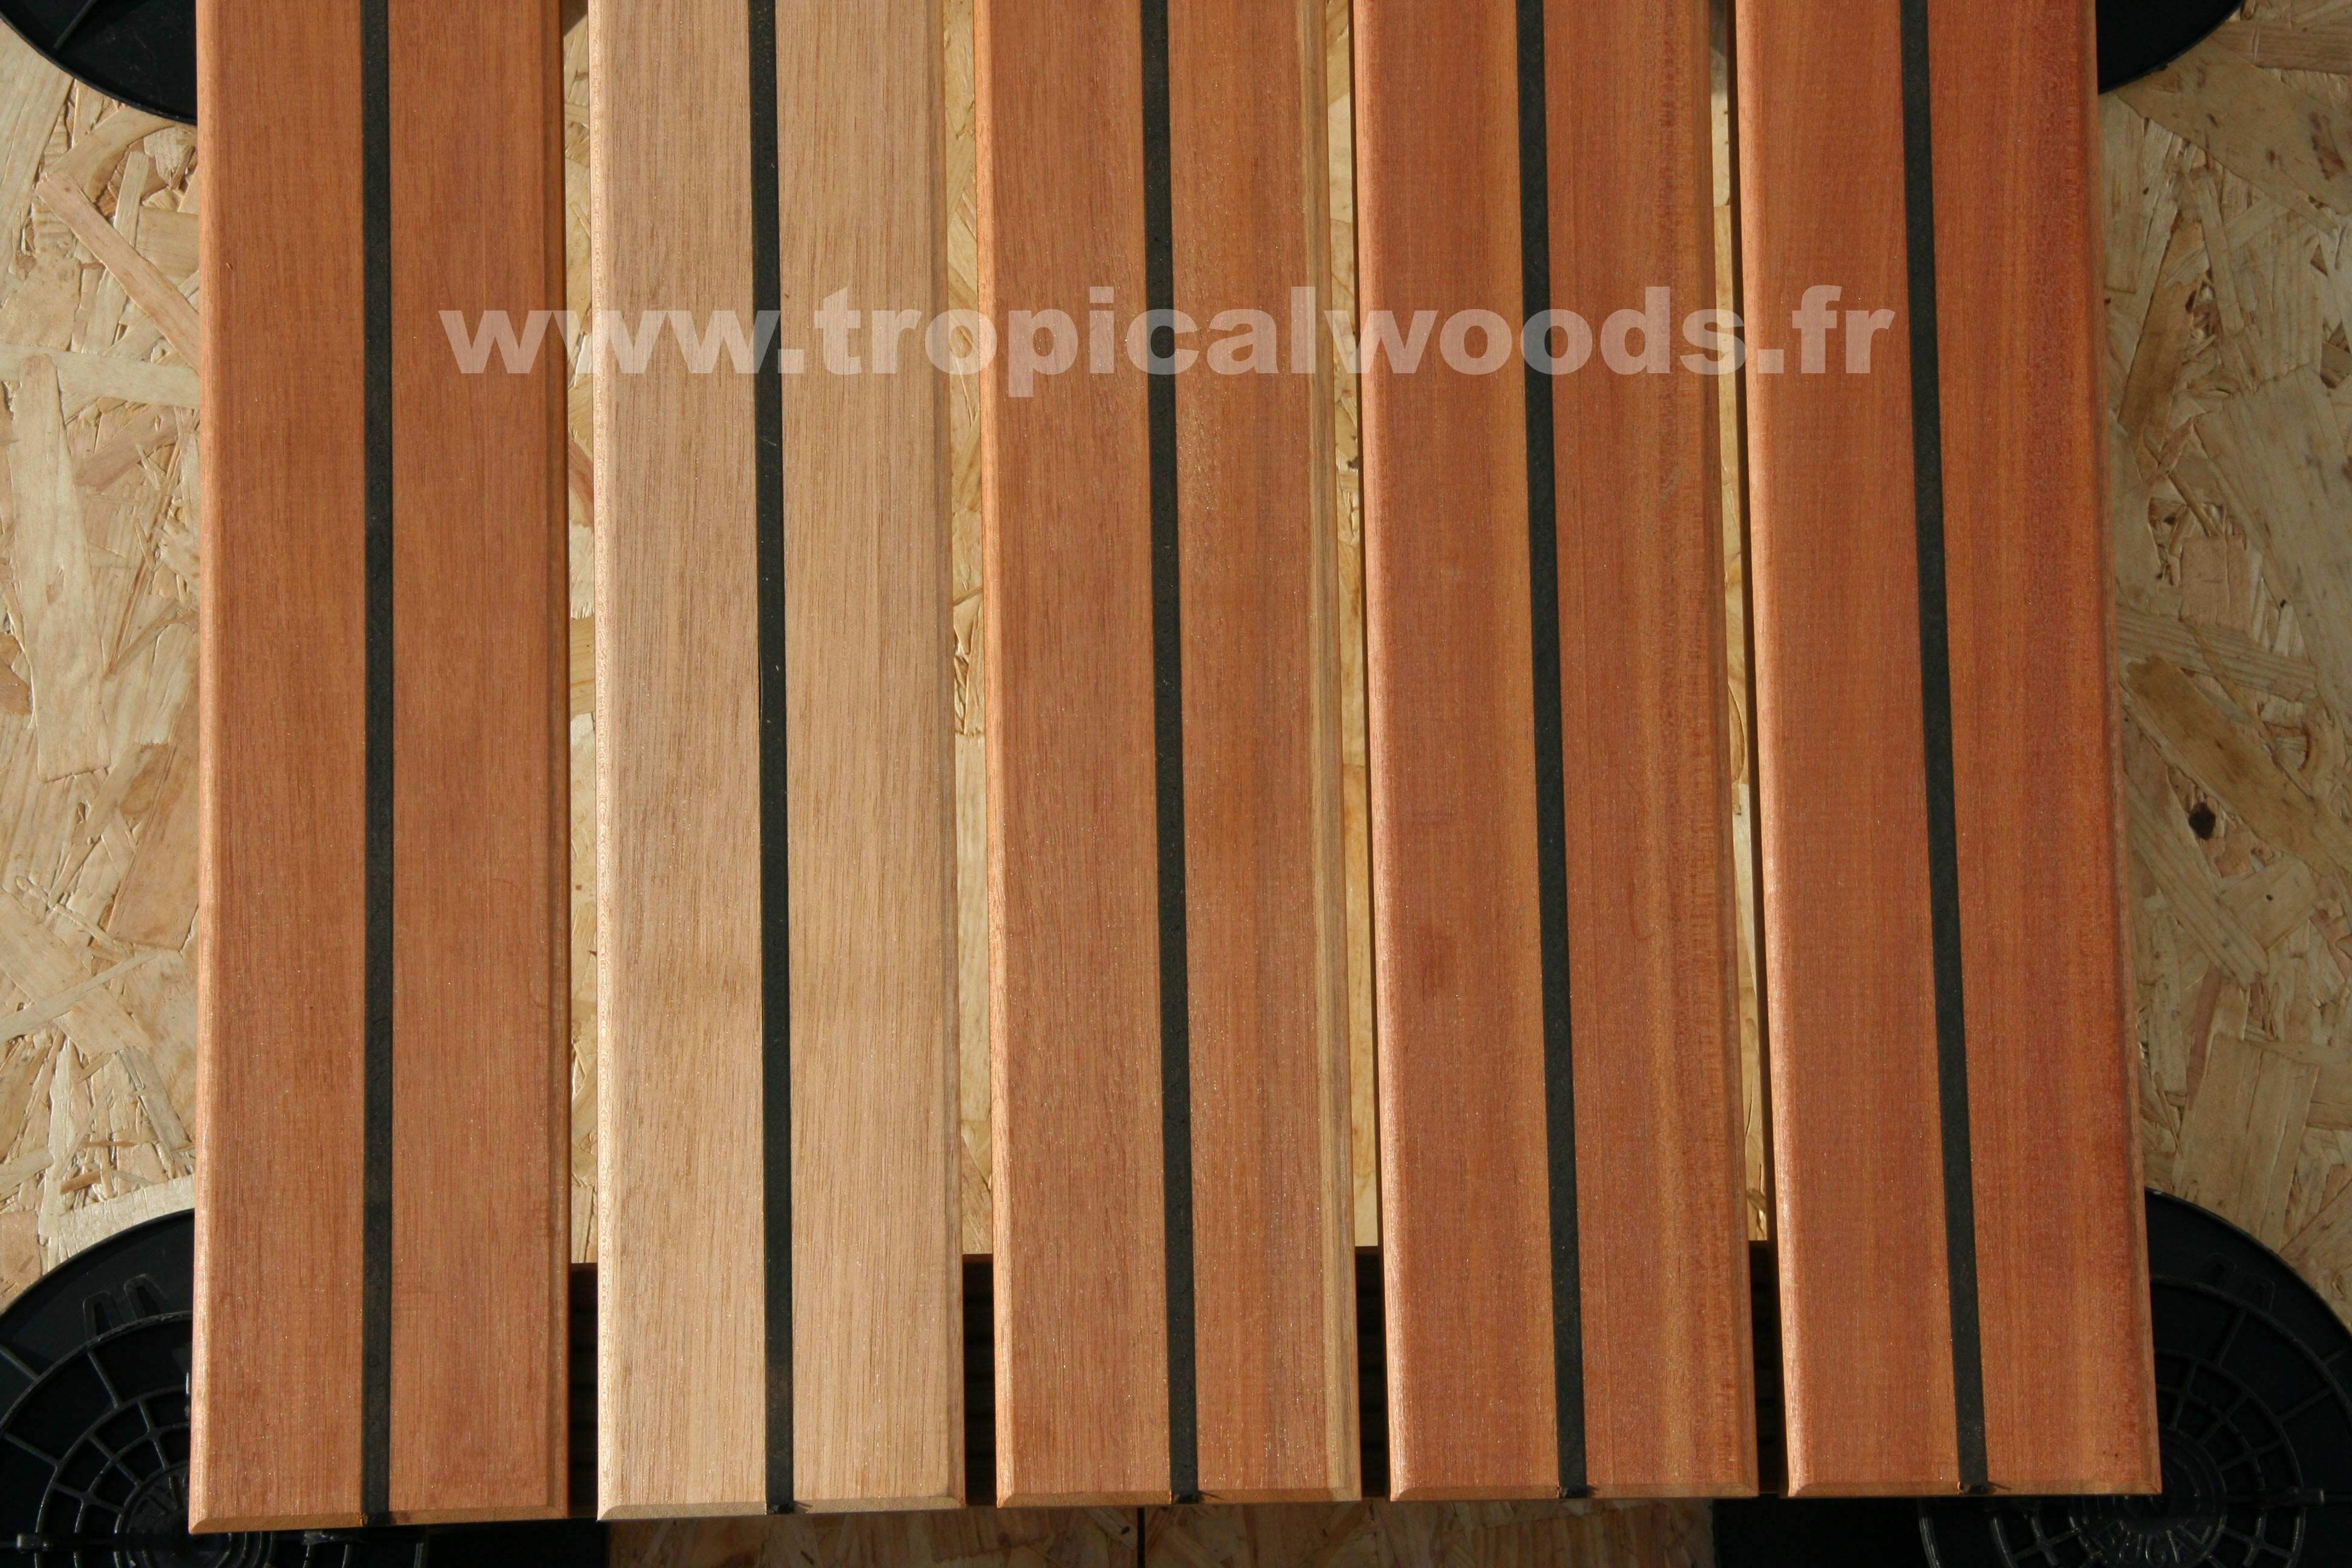 terrasse lames parquet massif red cedar pont de bateau 22 x 120 mm premier choix. Black Bedroom Furniture Sets. Home Design Ideas